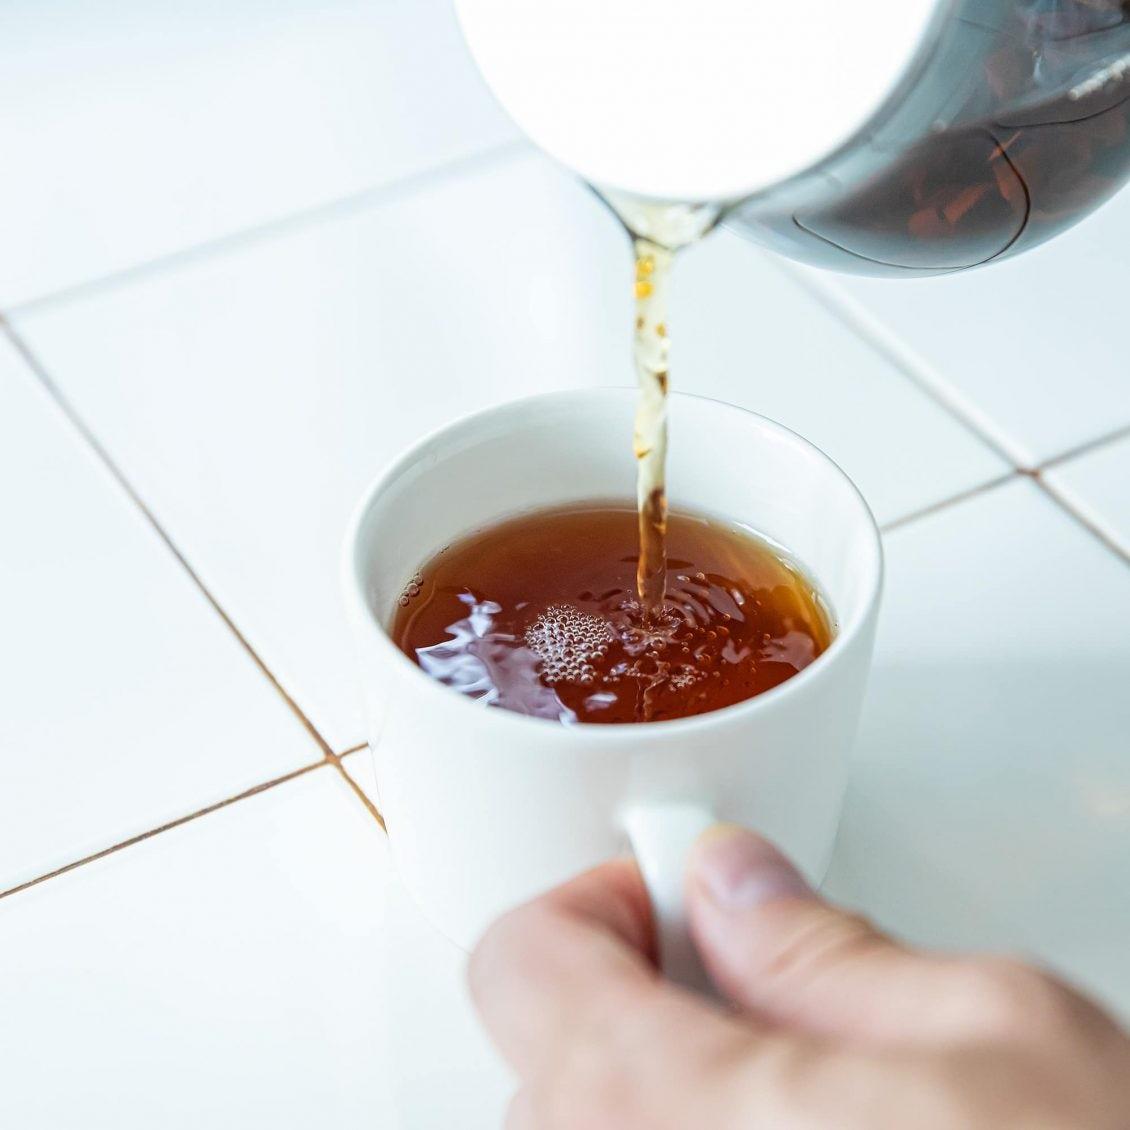 【まとめ】心も体も癒される紅茶の魅力とは?美味しい入れ方からアレンジアイデアまで